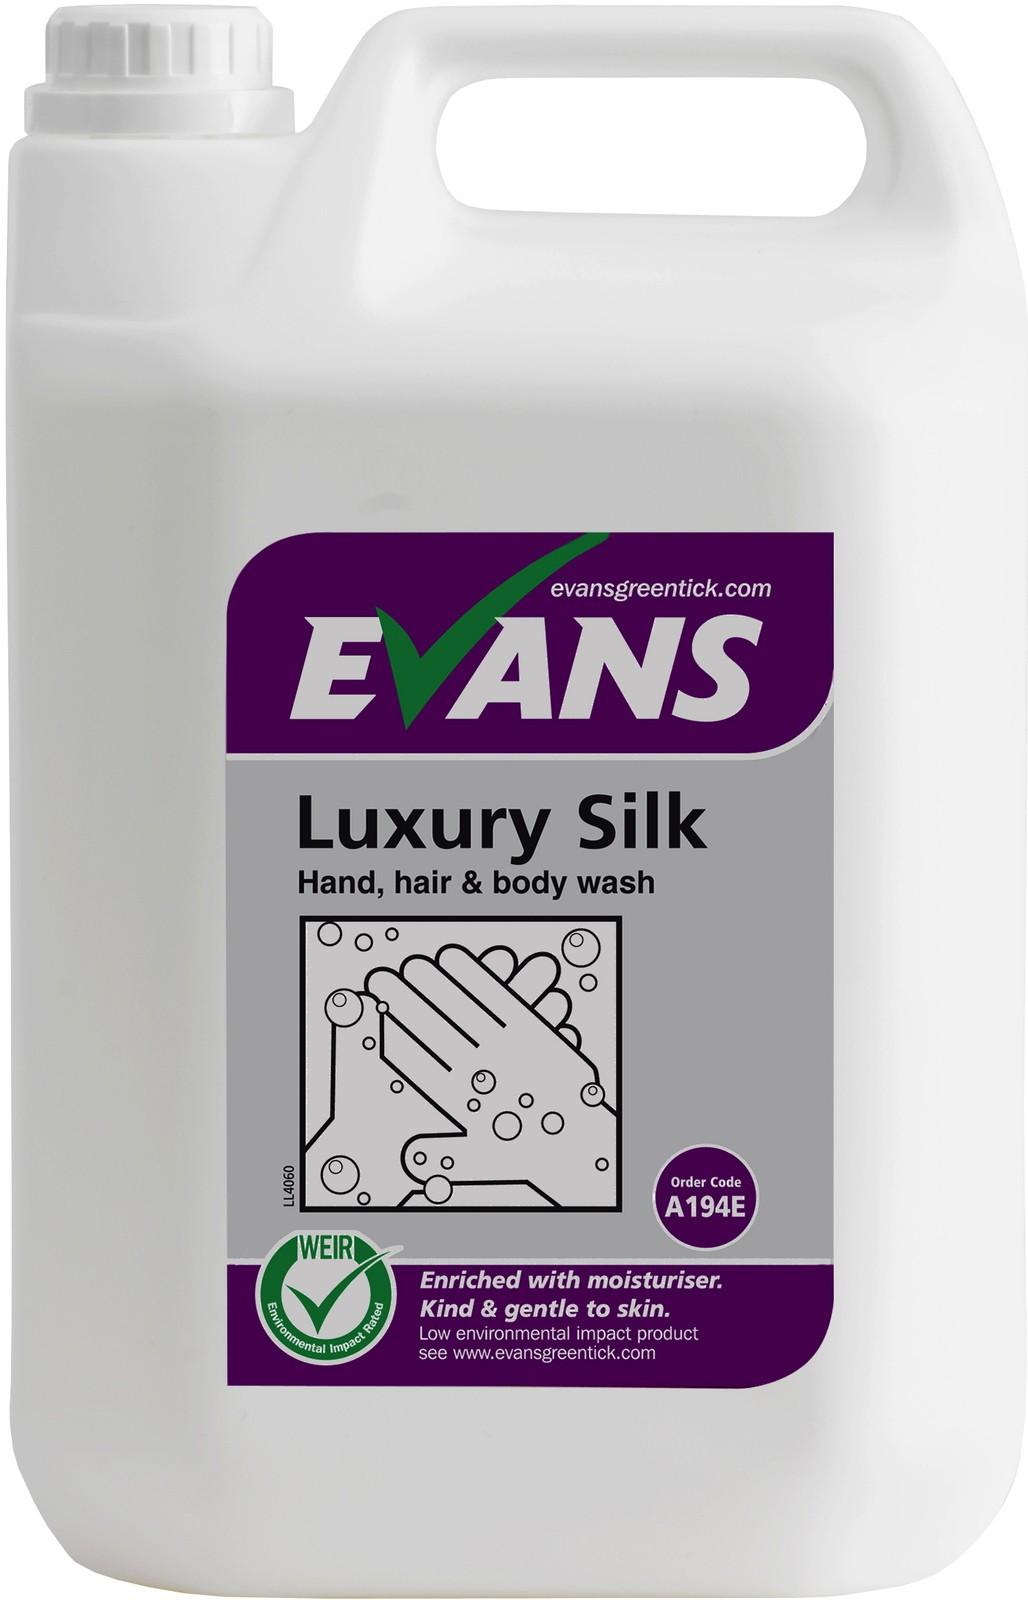 Evans Luxury Silk Hand, Hair & Body Wash 5 Litre